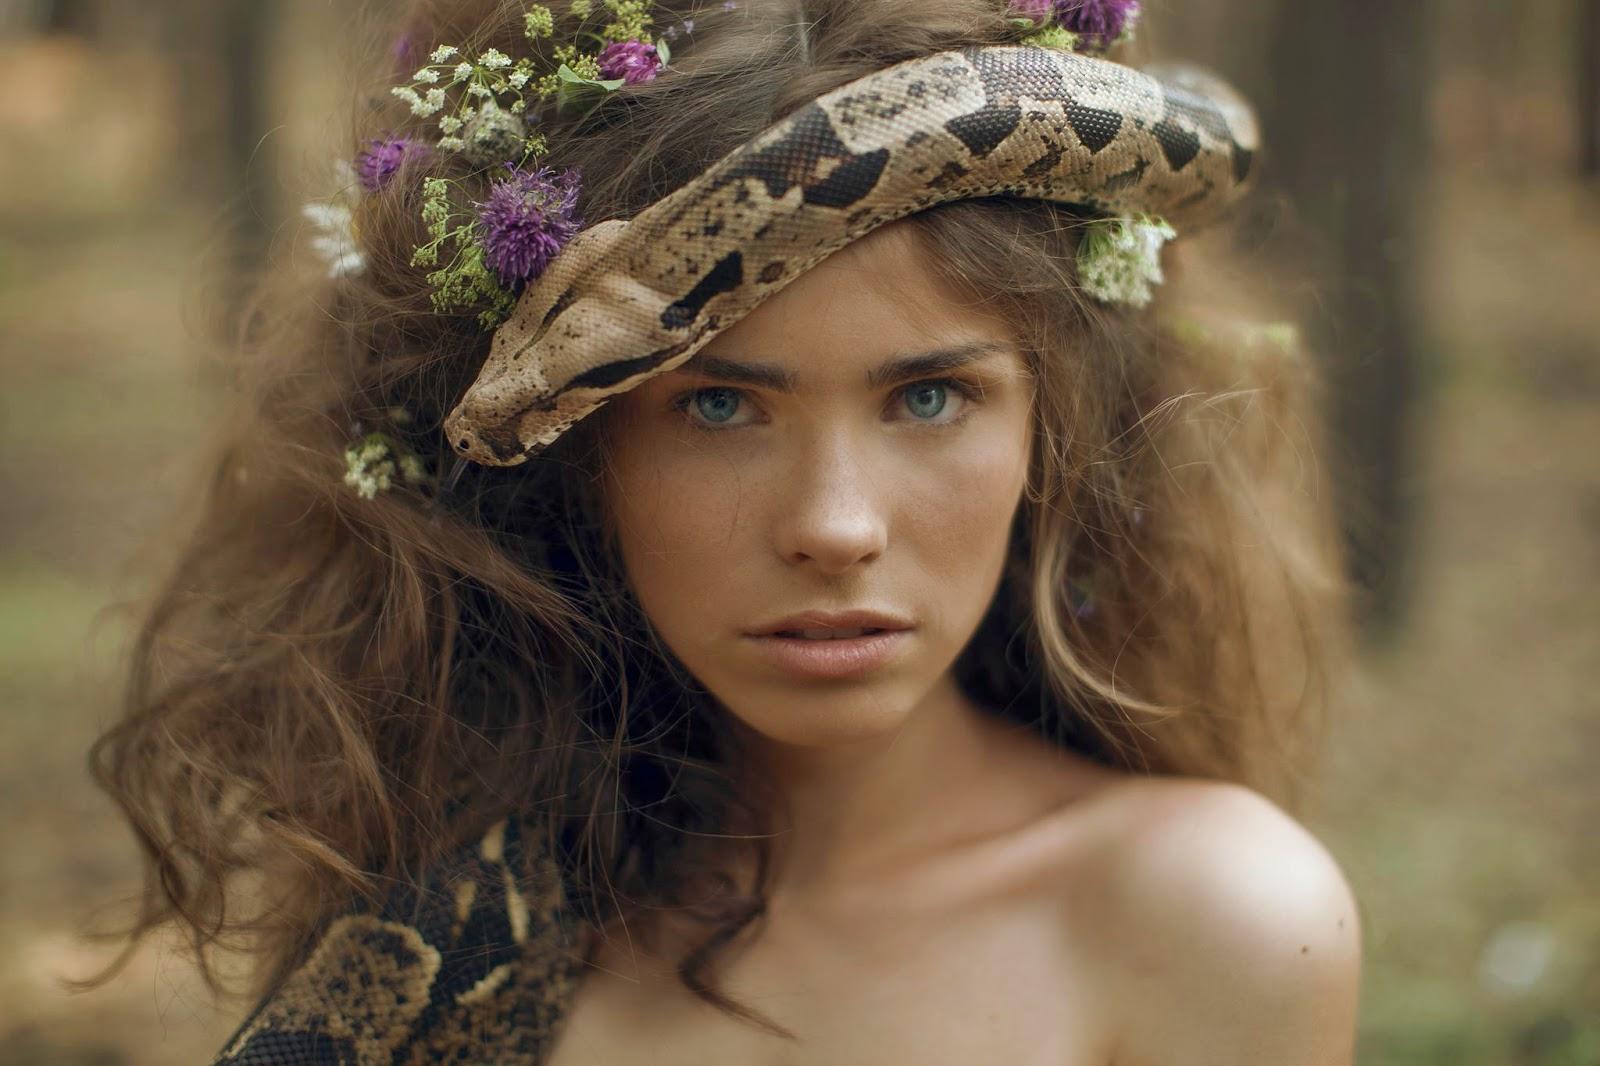 photo de Katerina Plotnikova portrait d'une jeune femme avec un serpent dans les cheveux